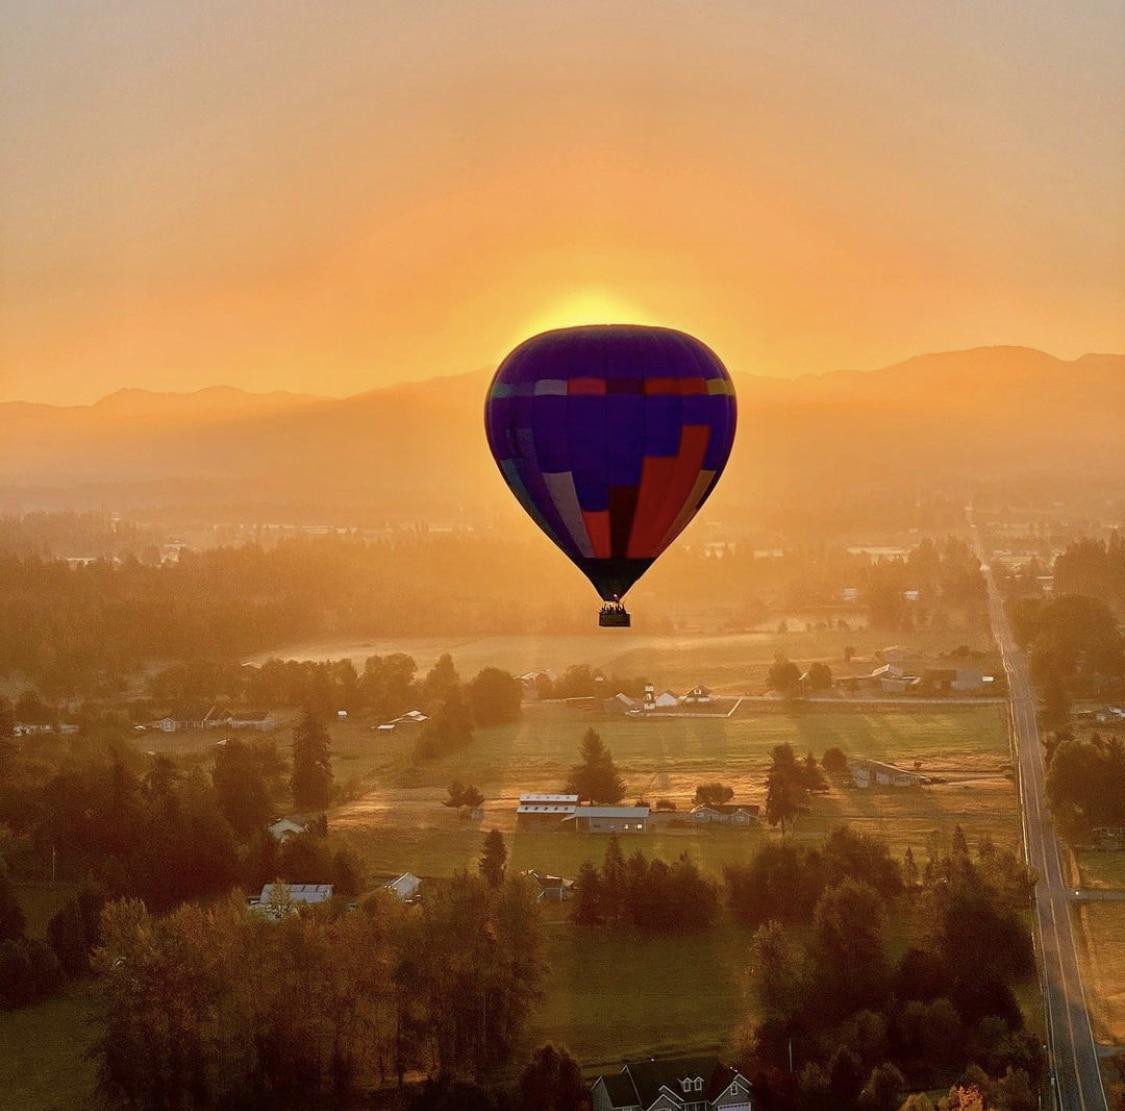 Kirkland hot air ballooning